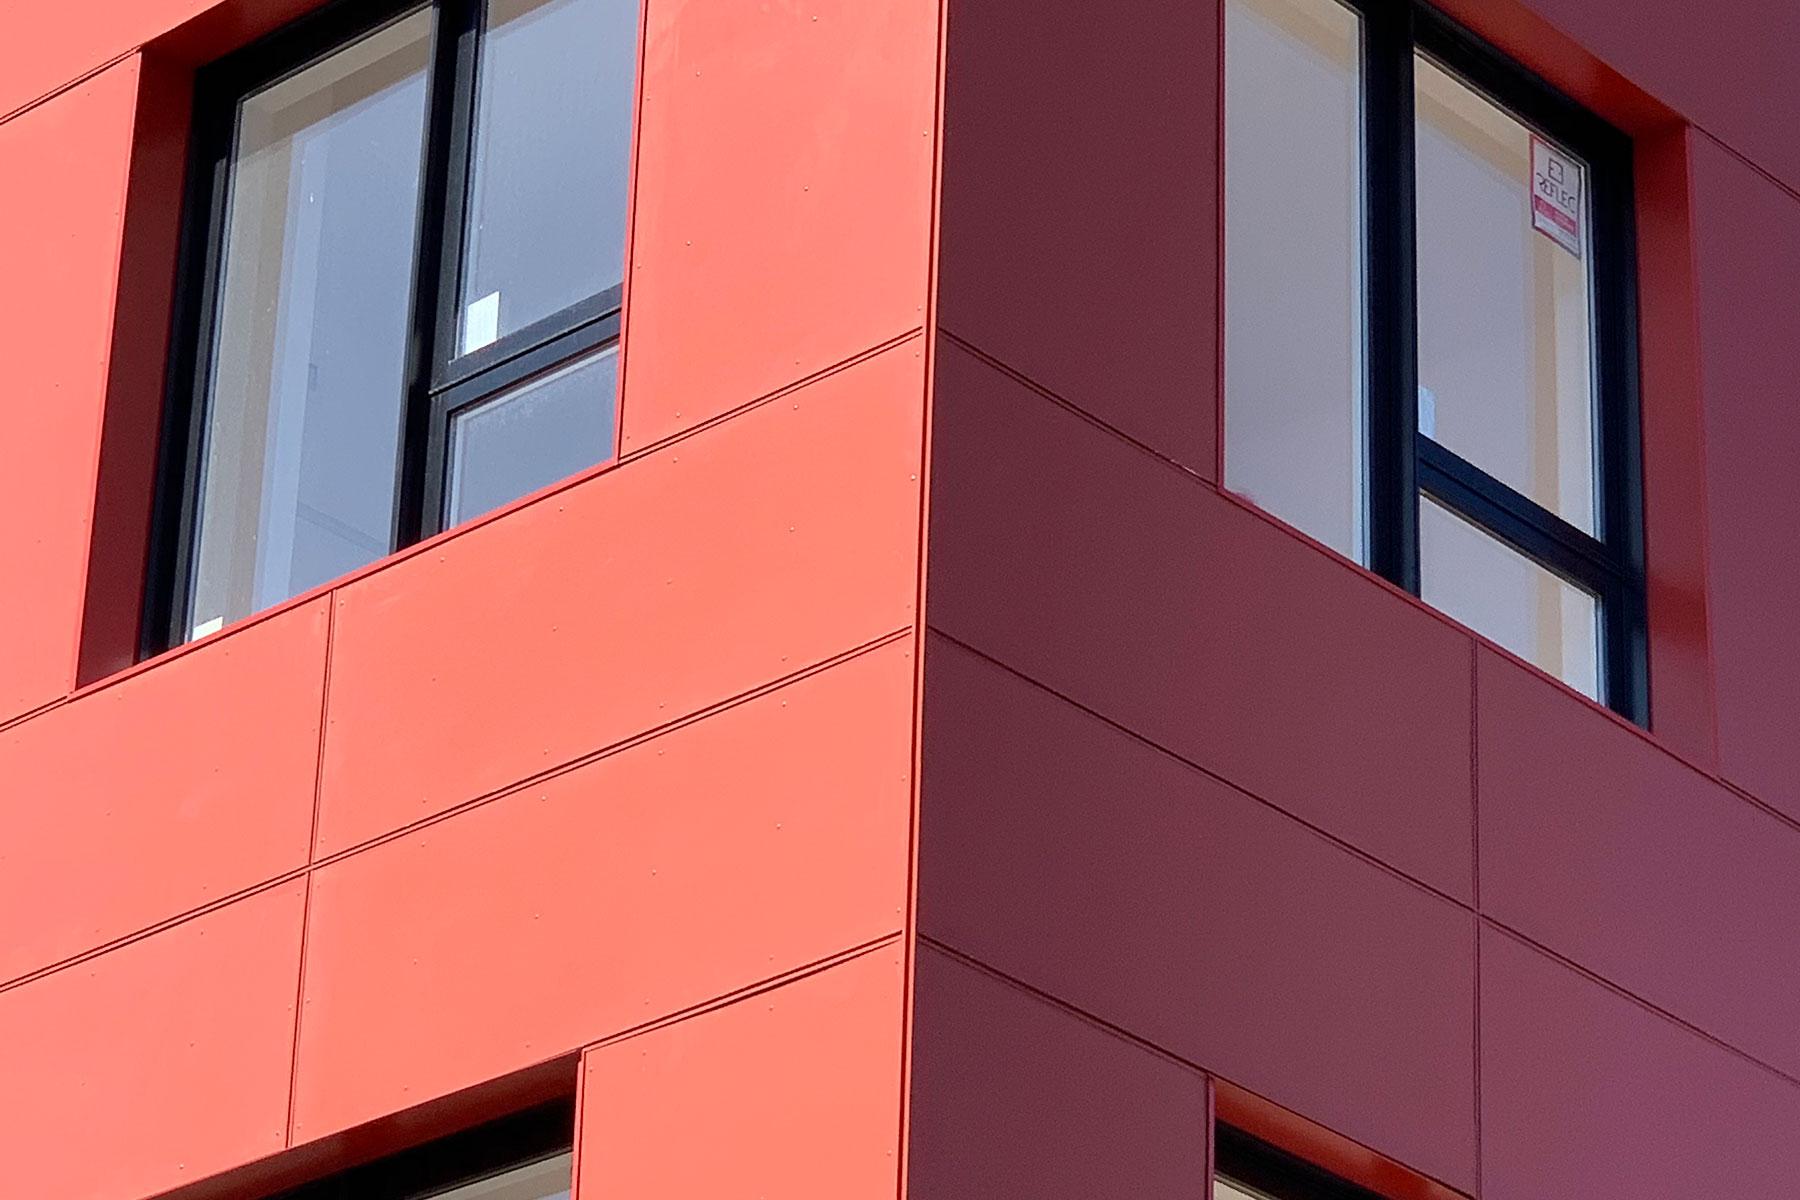 Moulure/Trim H001 multilogement/multi-dwelling units